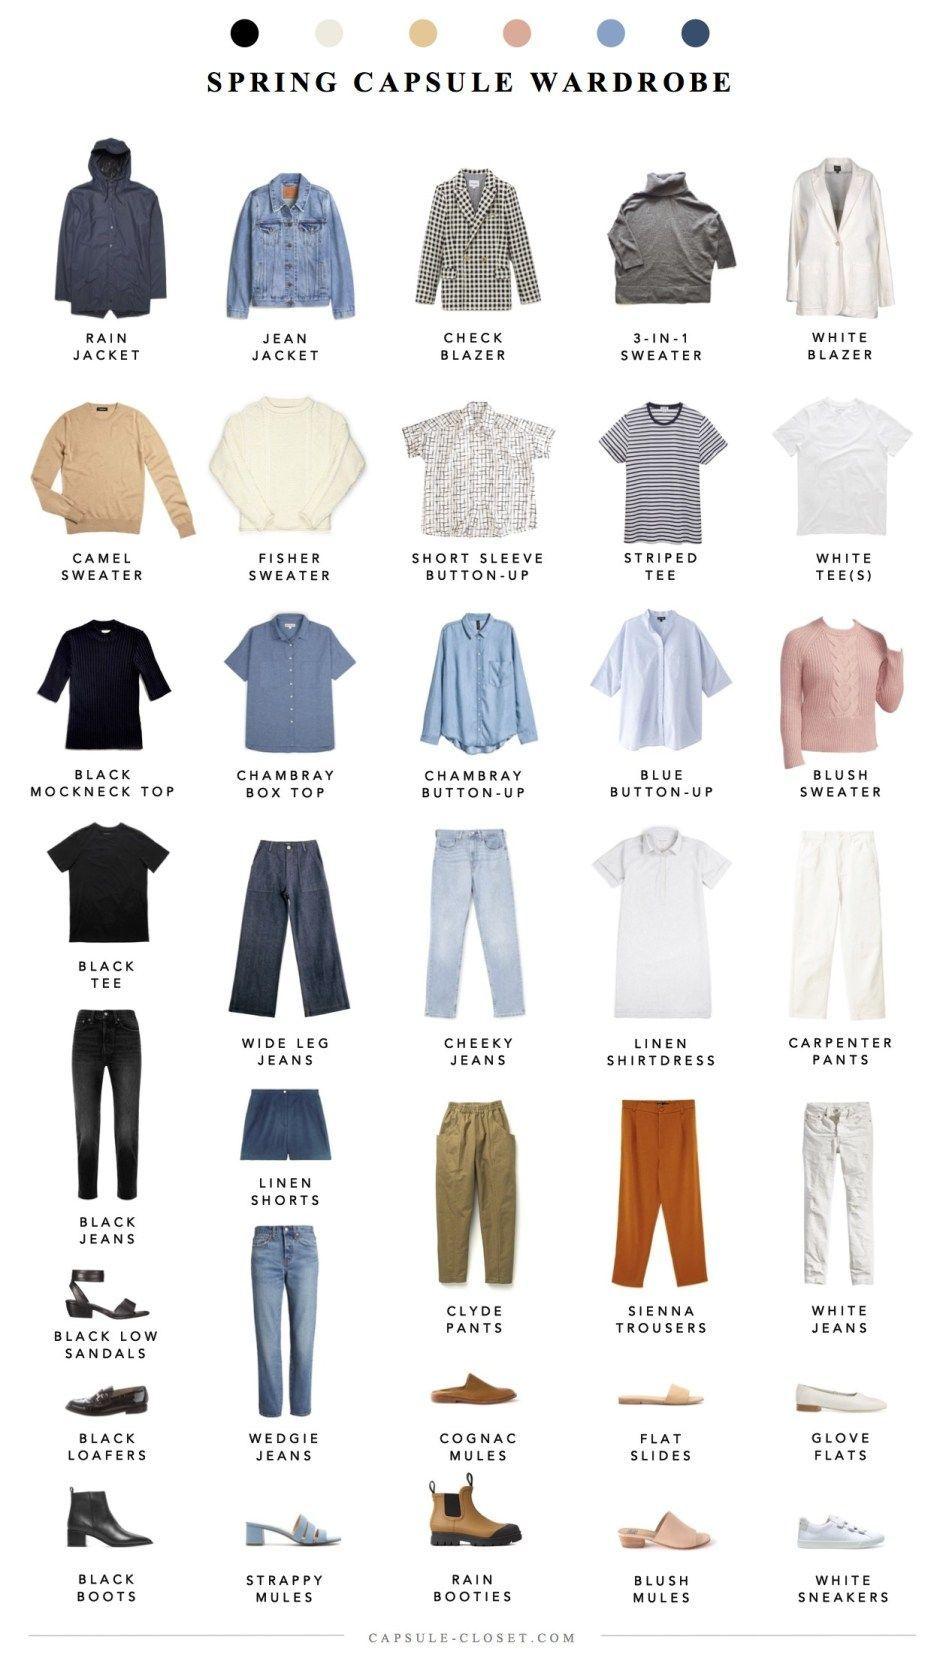 Spring 2019 Capsule Wardrobe Spring 2019 Capsule Wardrobe – CAPSULE CLOSET